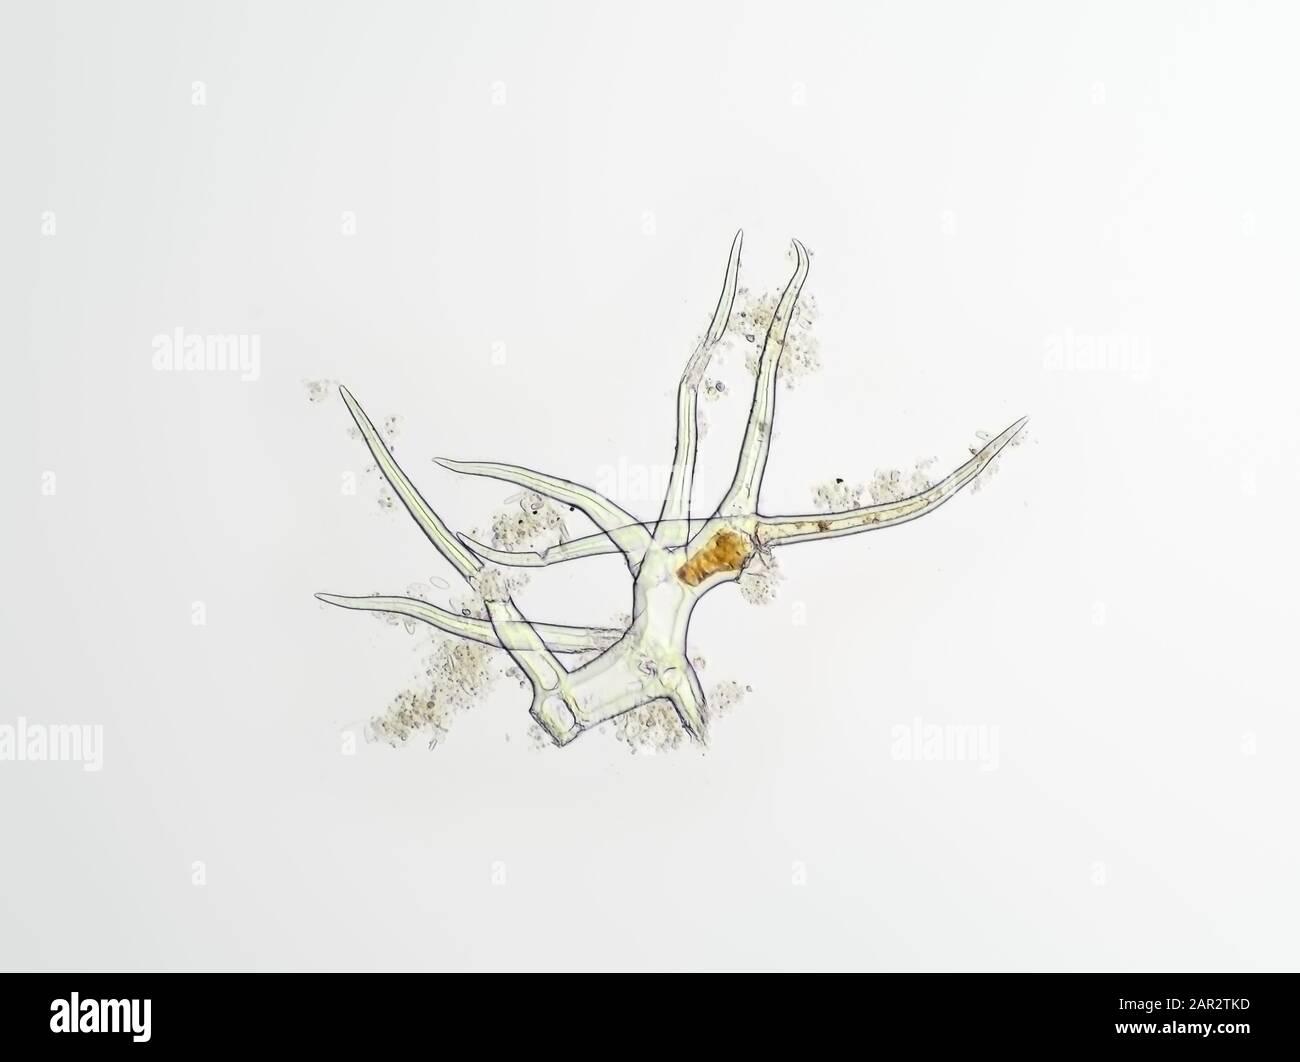 Trichhome - poils de plantes - sous le microscope, le champ de vision horizontal est d'environ 0,58 mm Banque D'Images